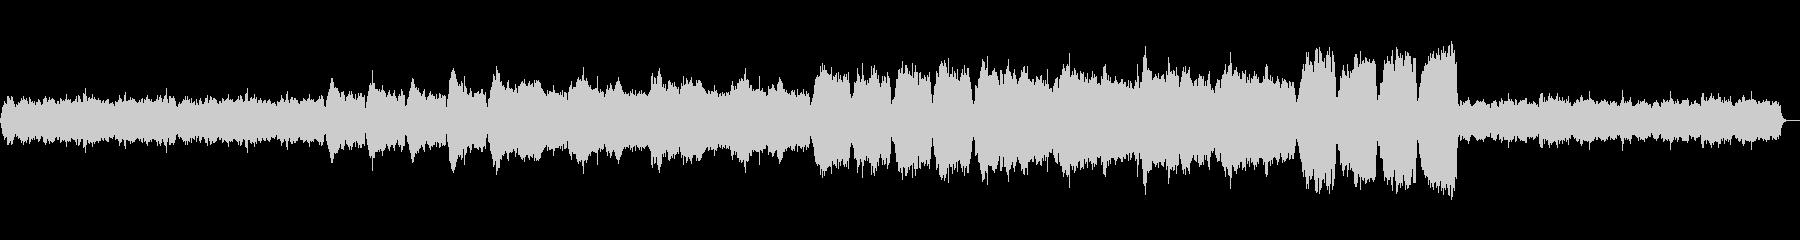 シンセストリングス、オーケストラ。...の未再生の波形